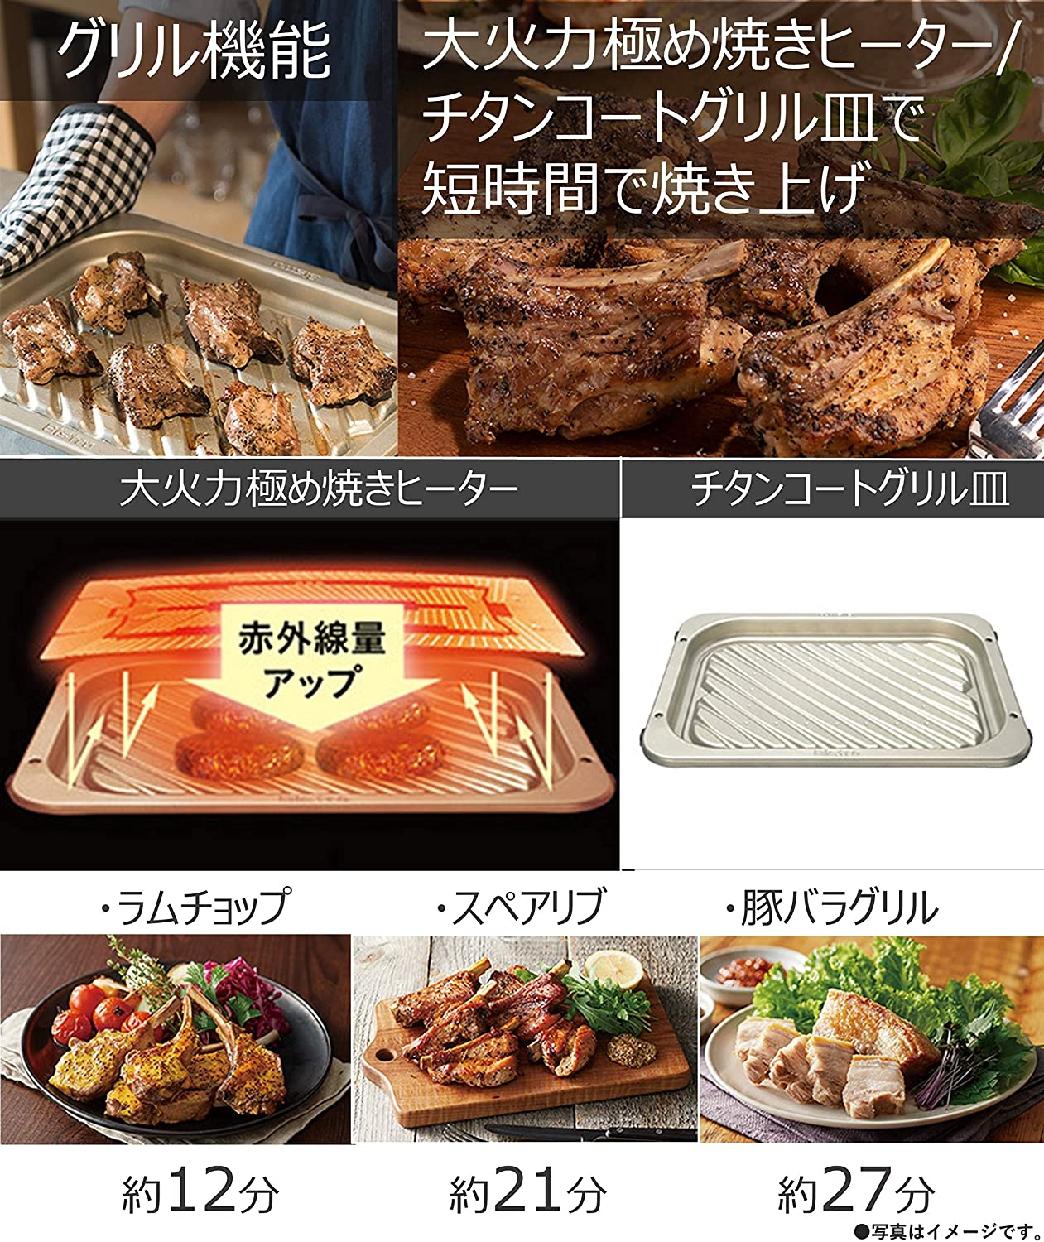 Panasonic(パナソニック) スチームオーブンレンジ NE-BS1600の商品画像4